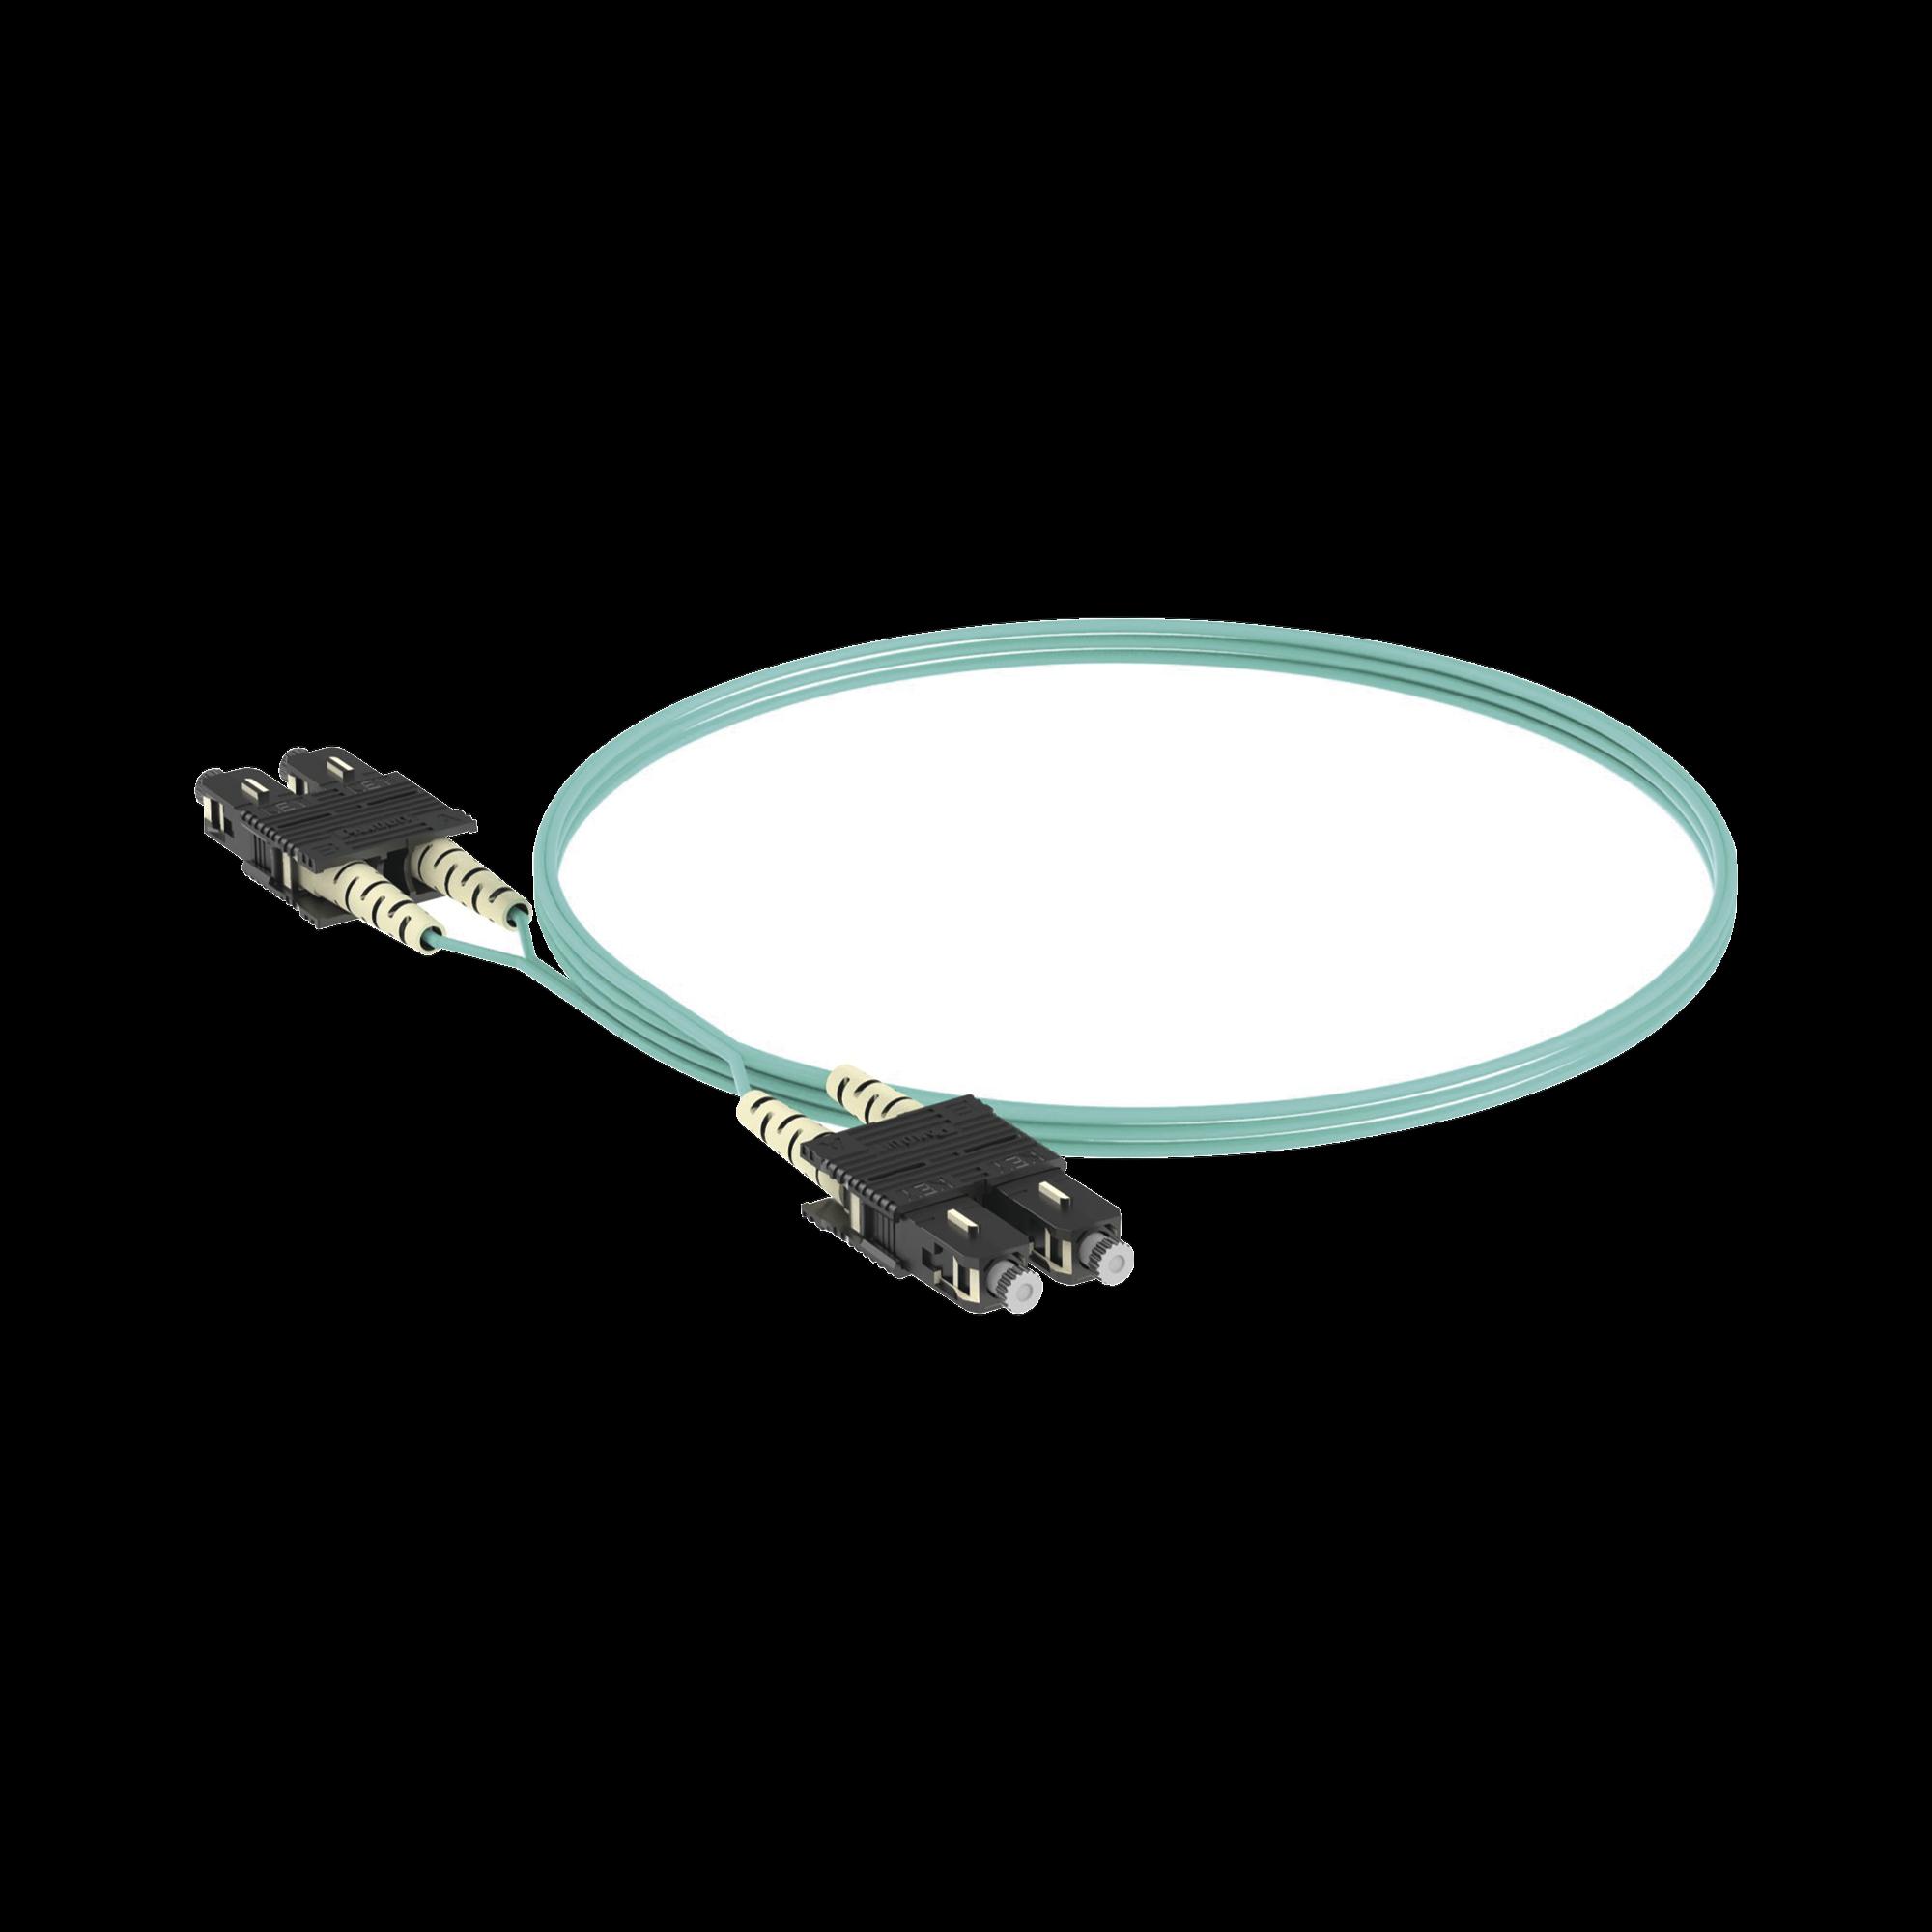 Jumper de Fibra Optica Multimodo 50/125 OM3, SC-SC Duplex, OFNR (Riser), Color Aqua, 2 Metros